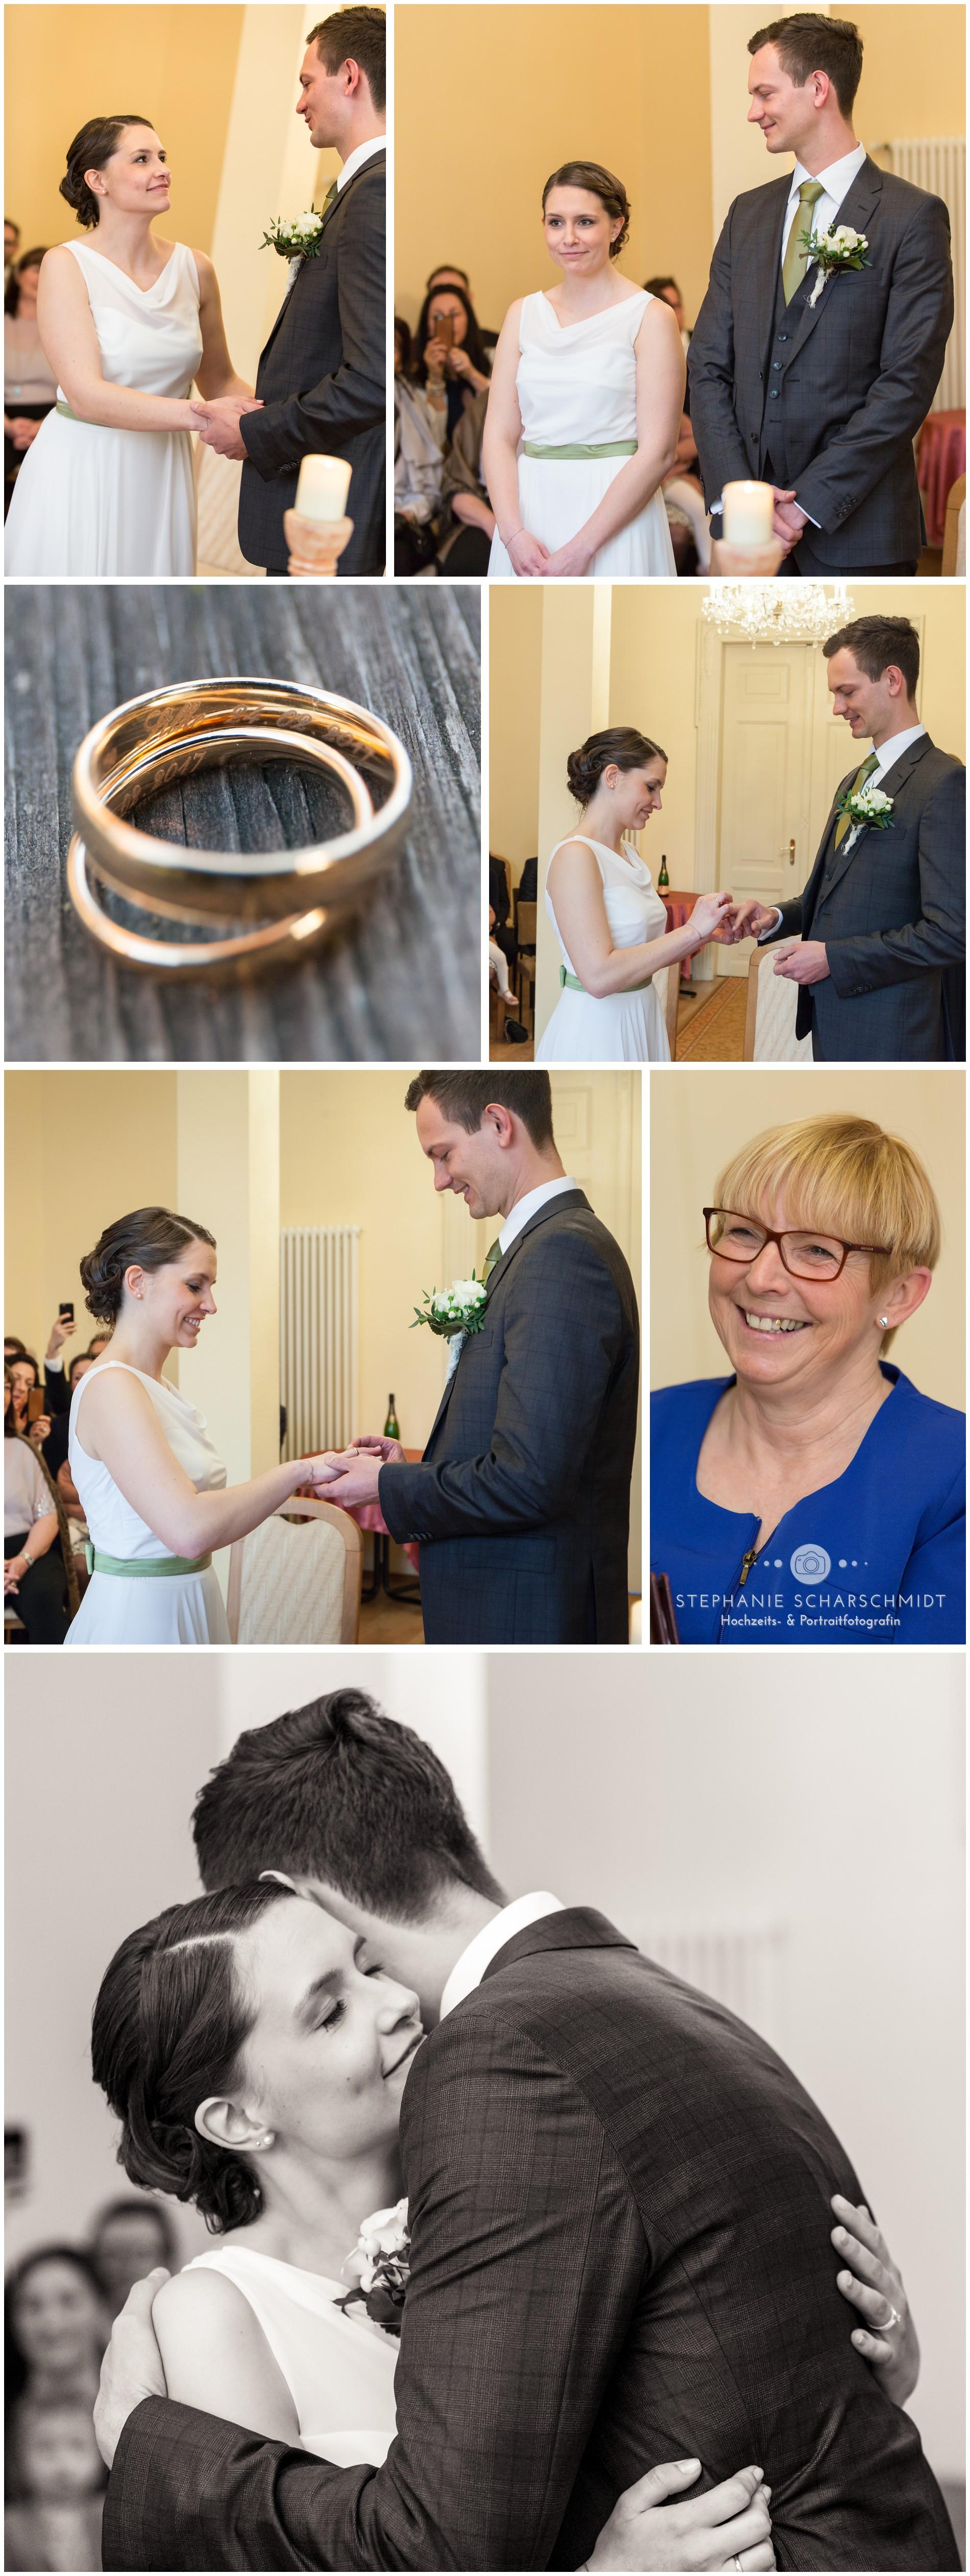 04 – standesamtliche Winterhochzeit in Bad Köstritz – Hochzeitsfotograf Gera – Winterhochzeit Gera – Hochzeitsfotografin Stephanie Scharschmidt